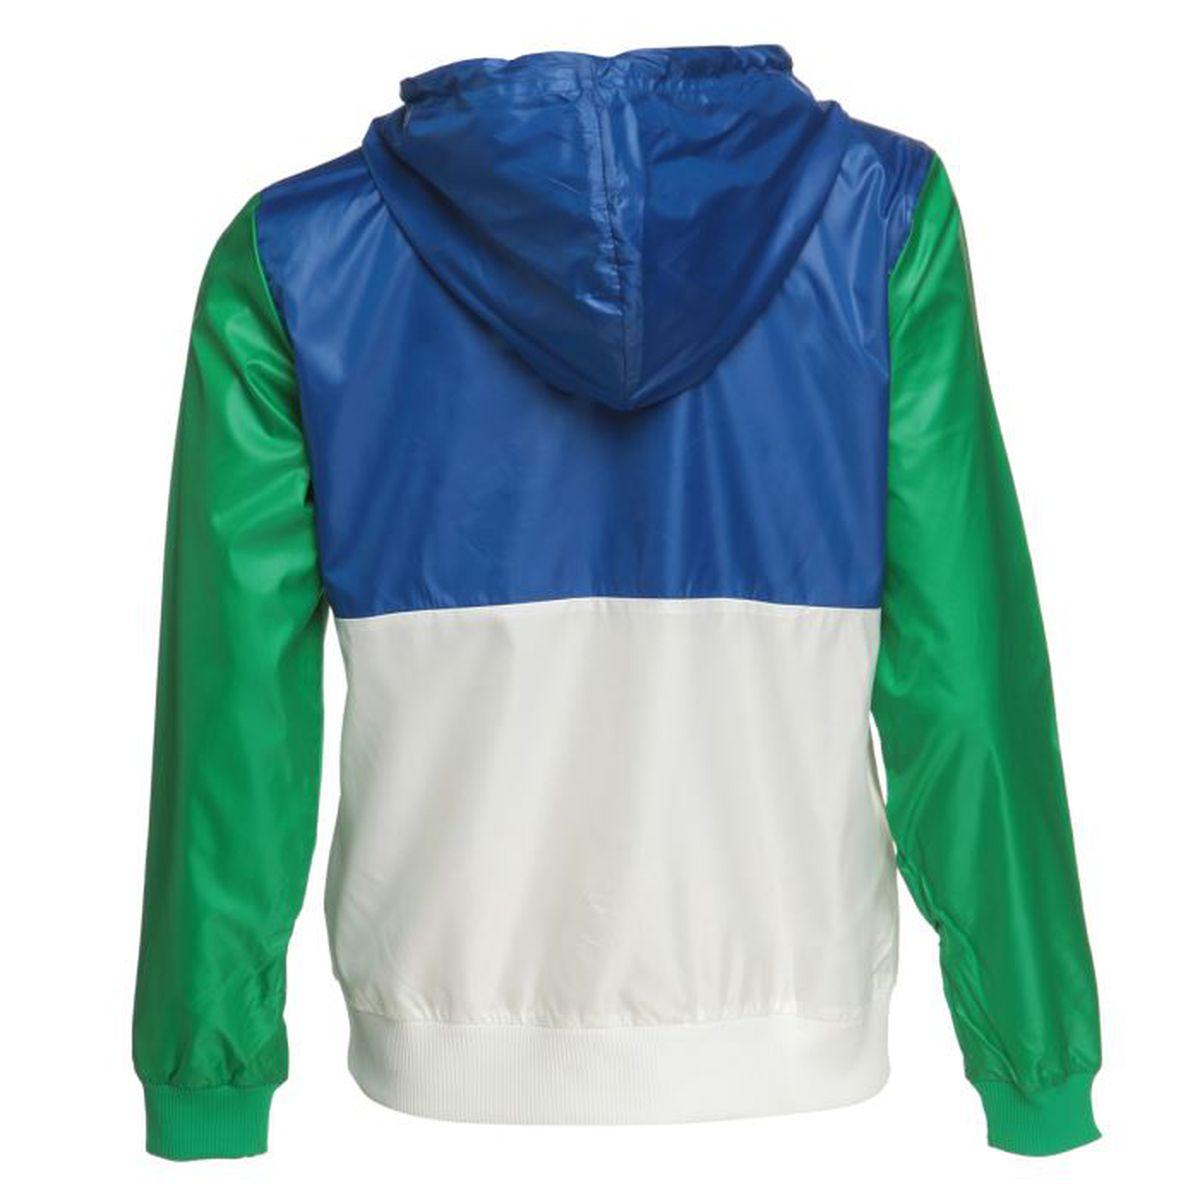 ADIDAS ORIGINALS Veste Zippée Femme Blanc, vert et bleu - Achat   Vente  veste de sport - Soldes  dès le 9 janvier ! Cdiscount 963b8a57adca